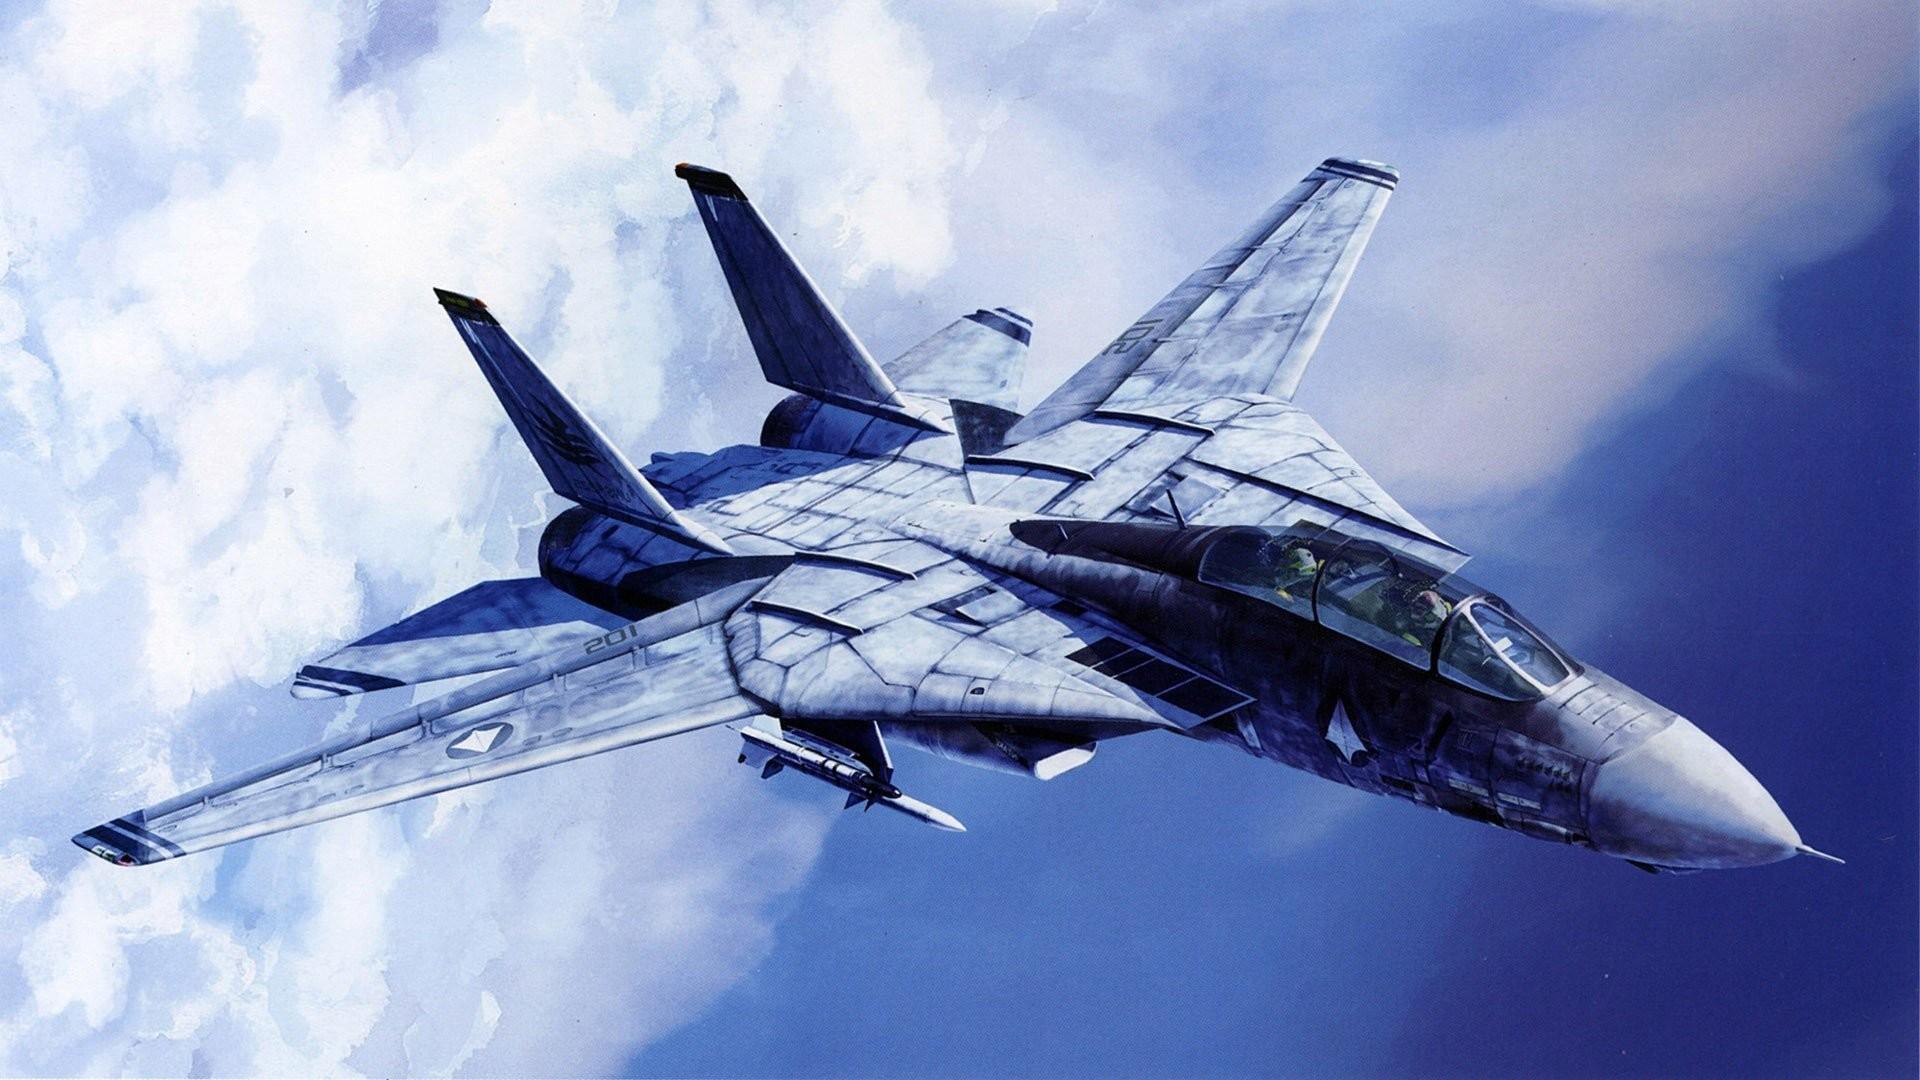 Aircraft F-14 Tomcat wallpaper     341030   WallpaperUP